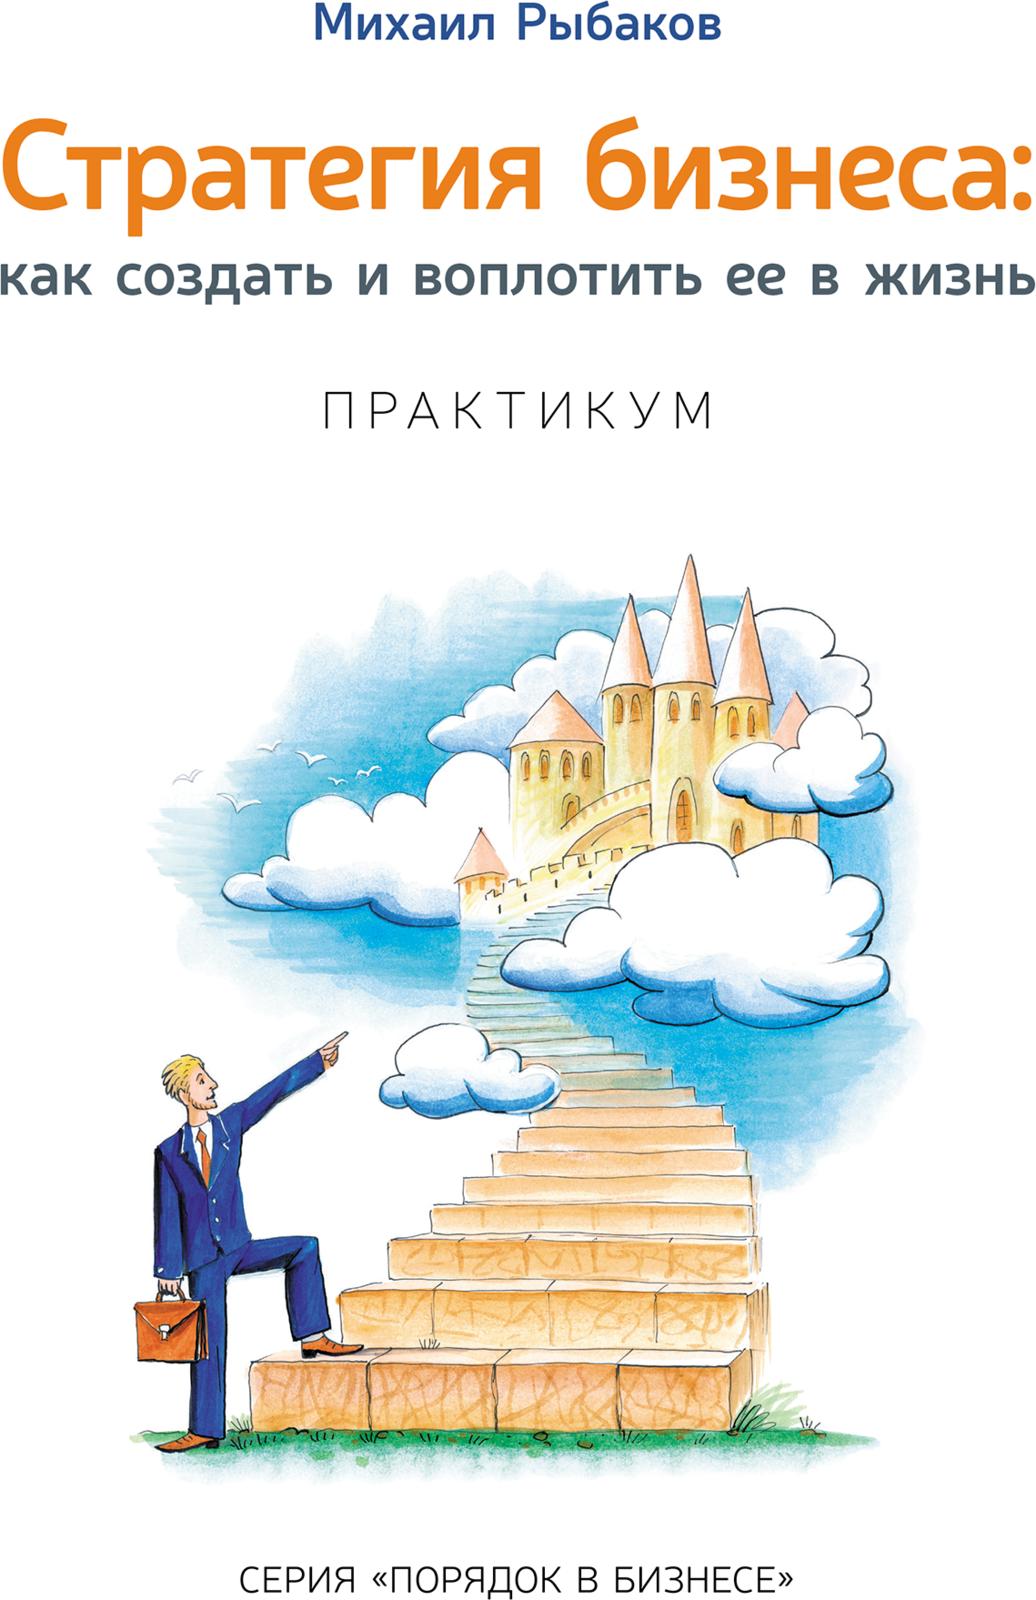 Михаил Рыбаков Стратегия бизнеса. Как создать и воплотить ее в жизнь